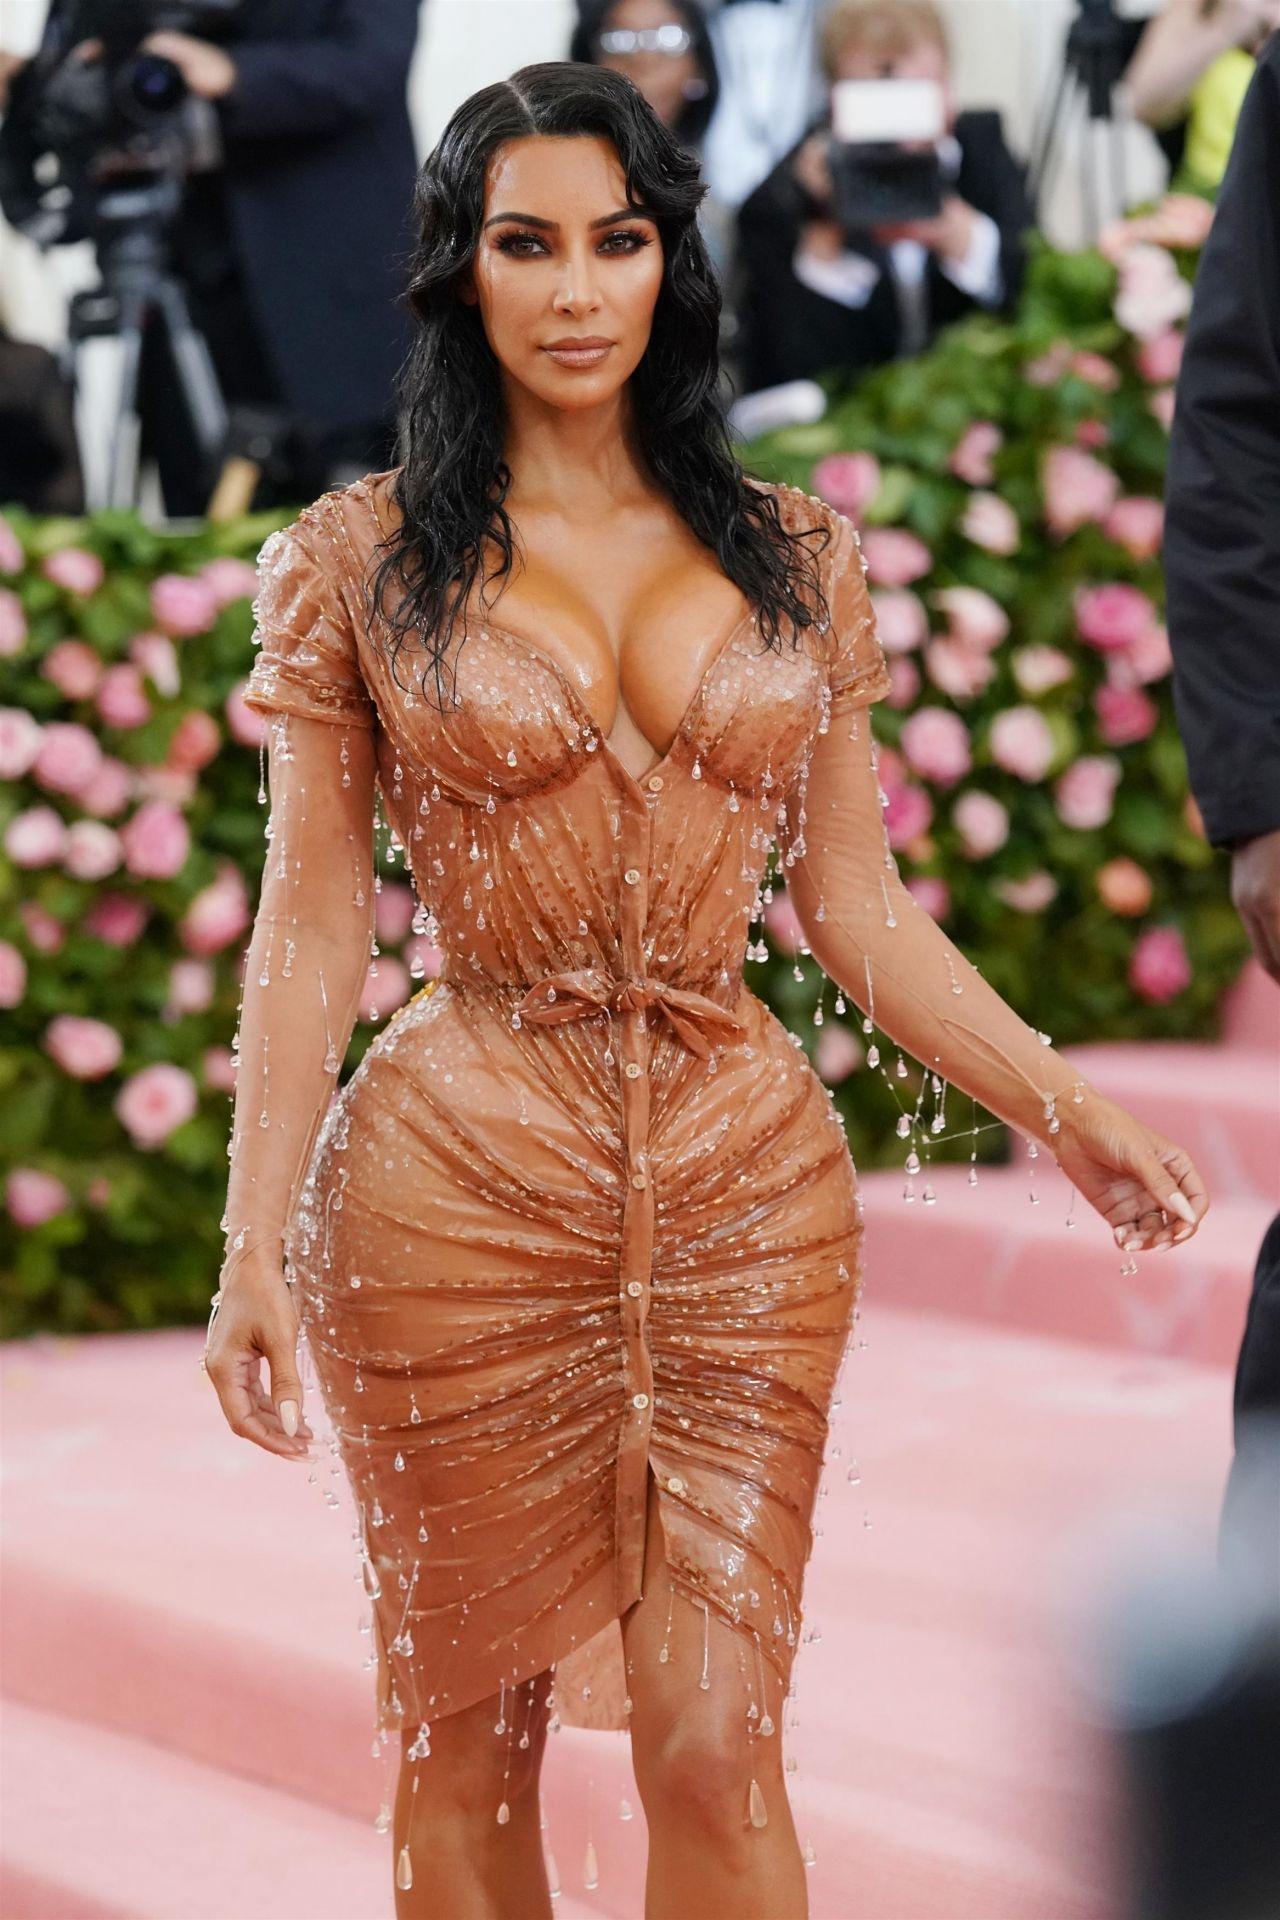 Kim Kardashian Latest Photos - CelebMafia